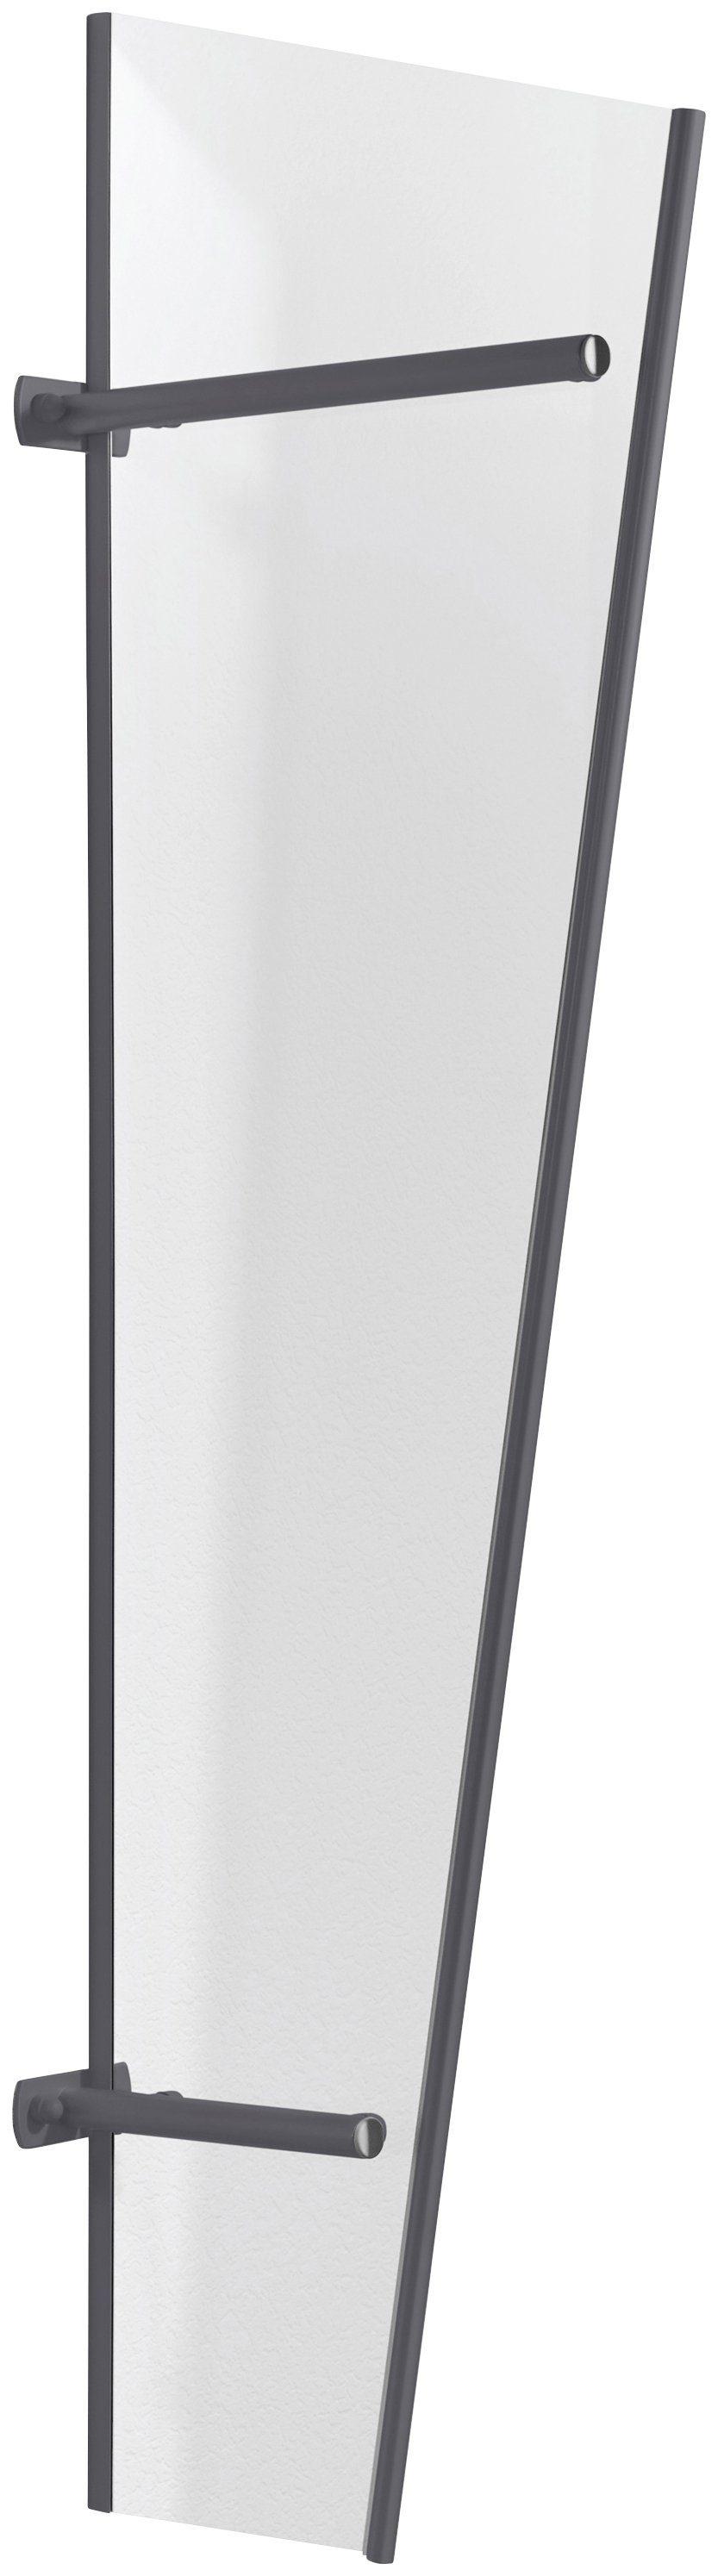 GUTTA Seitenblende »PT/GR Acryl«, BxH: 60x185 cm, anthrazit-transparent